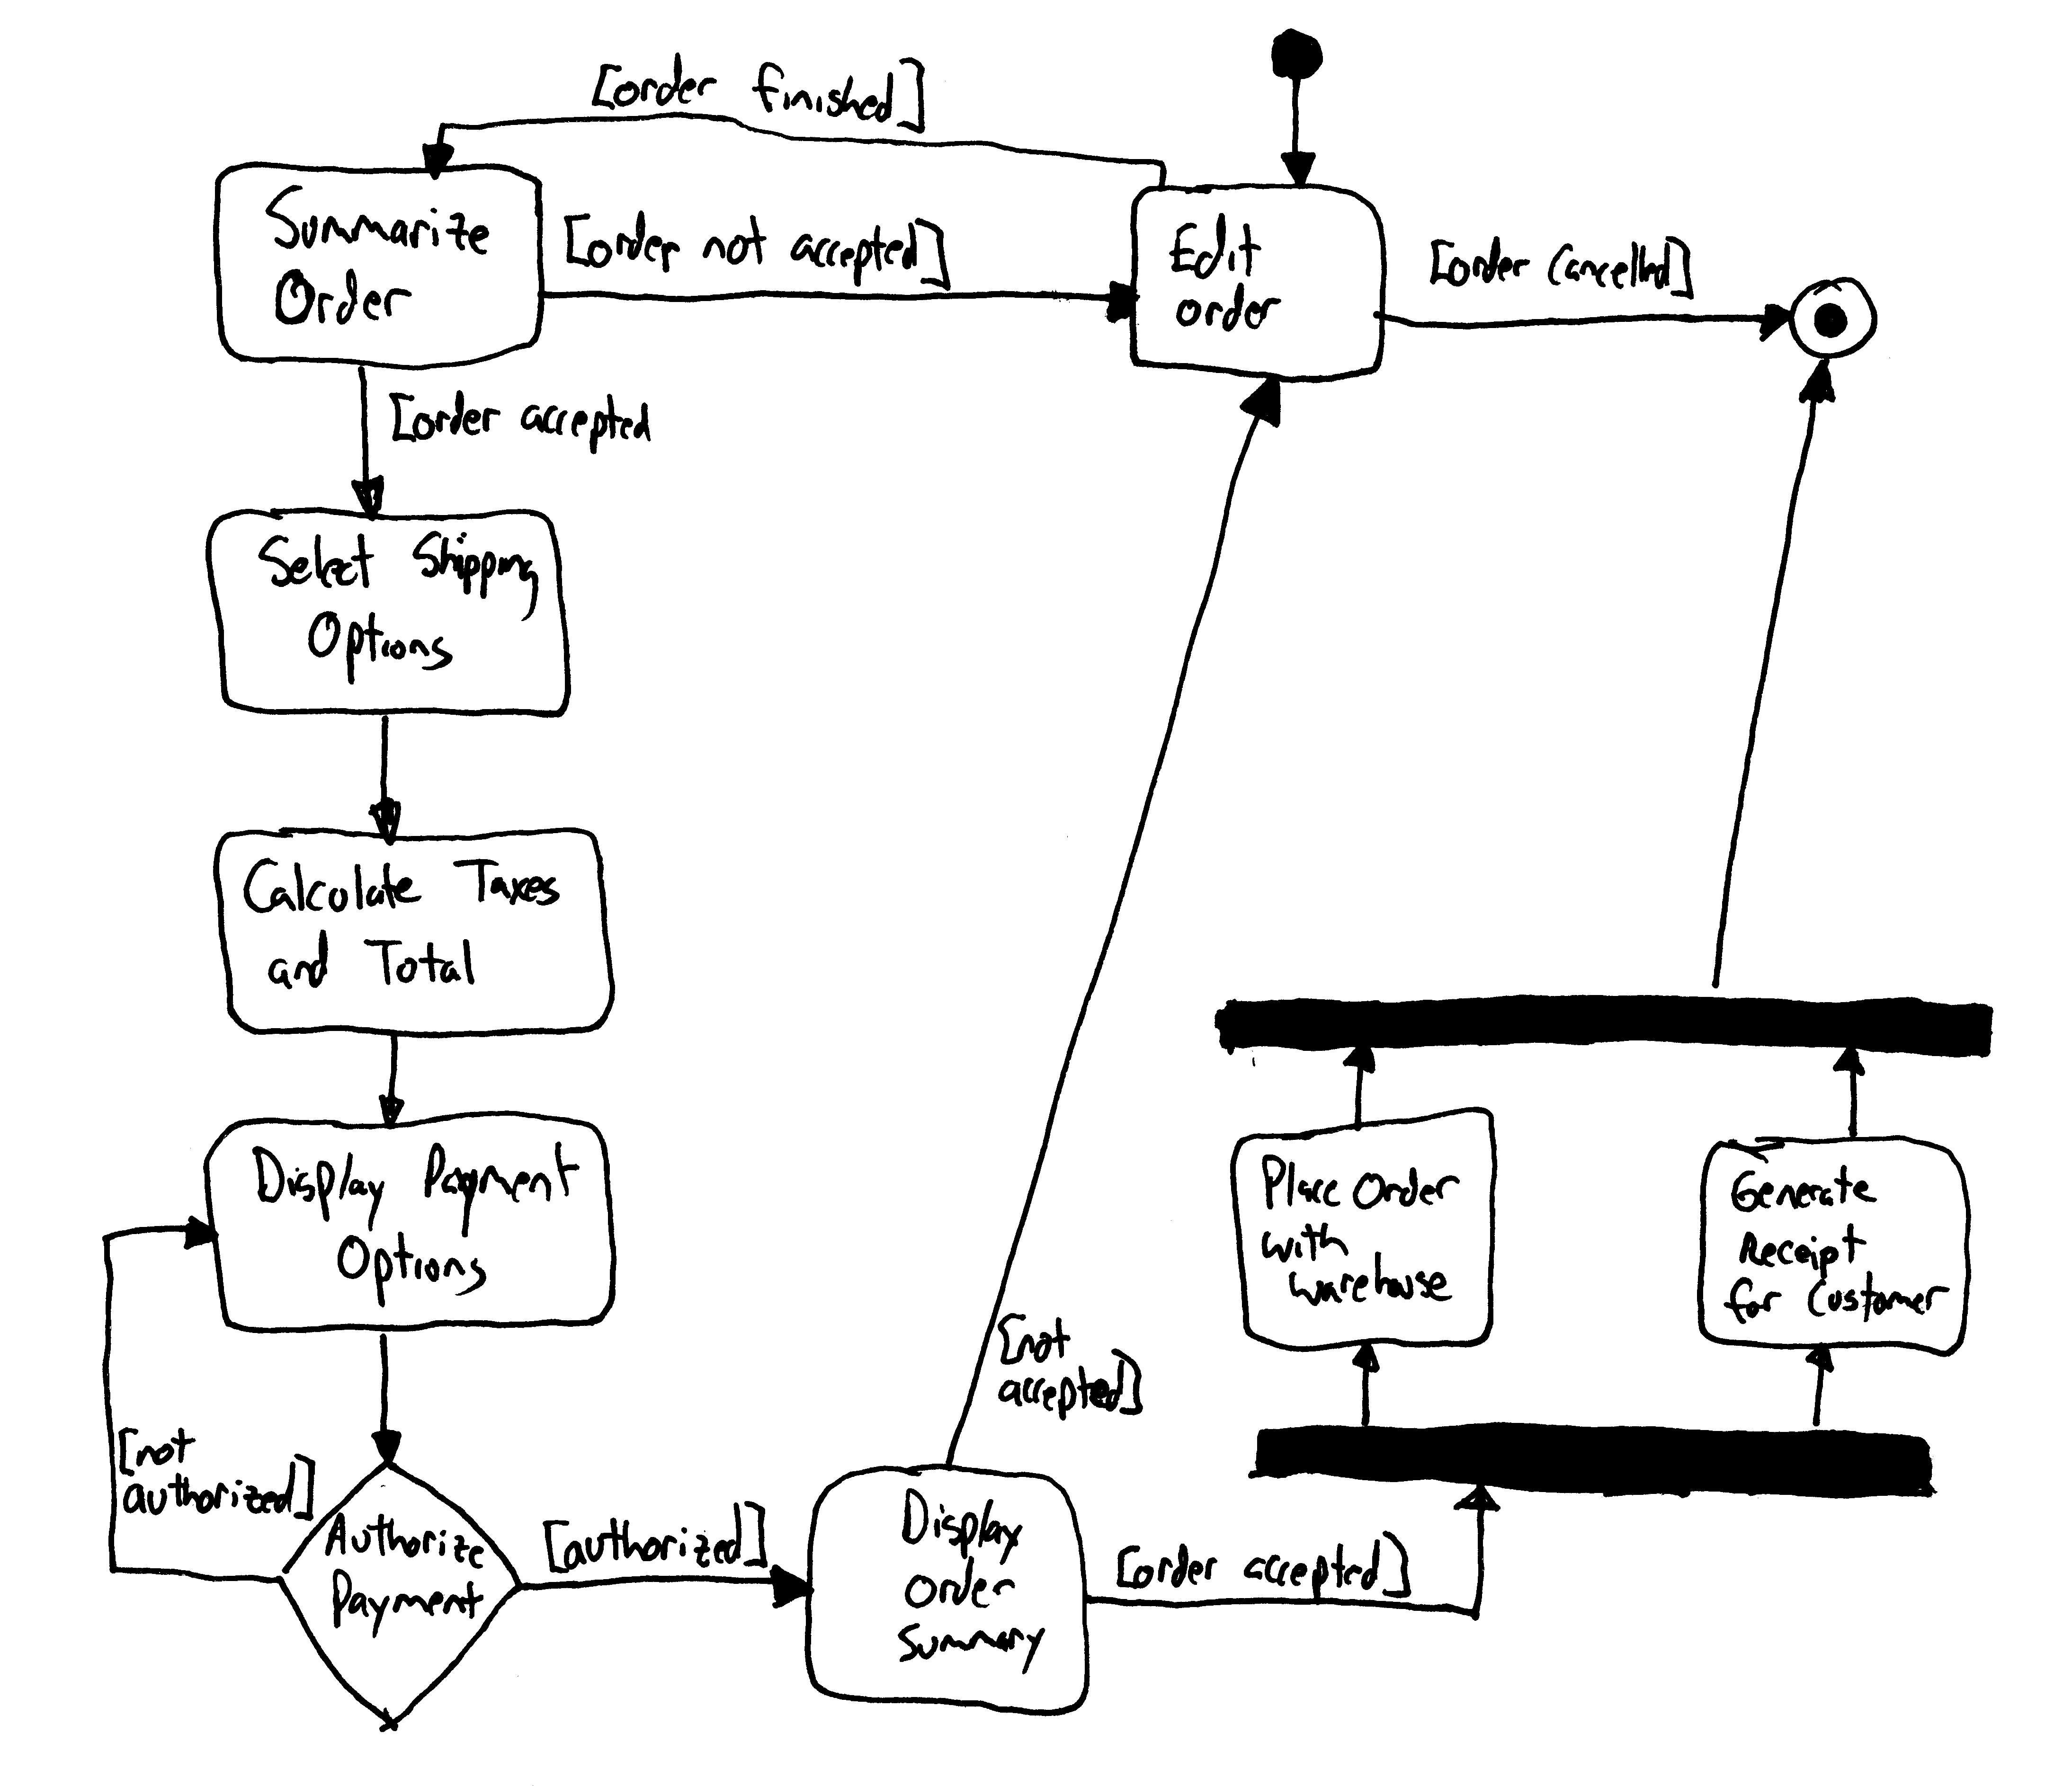 user interface on pinterestlearn more at agilemodeling com